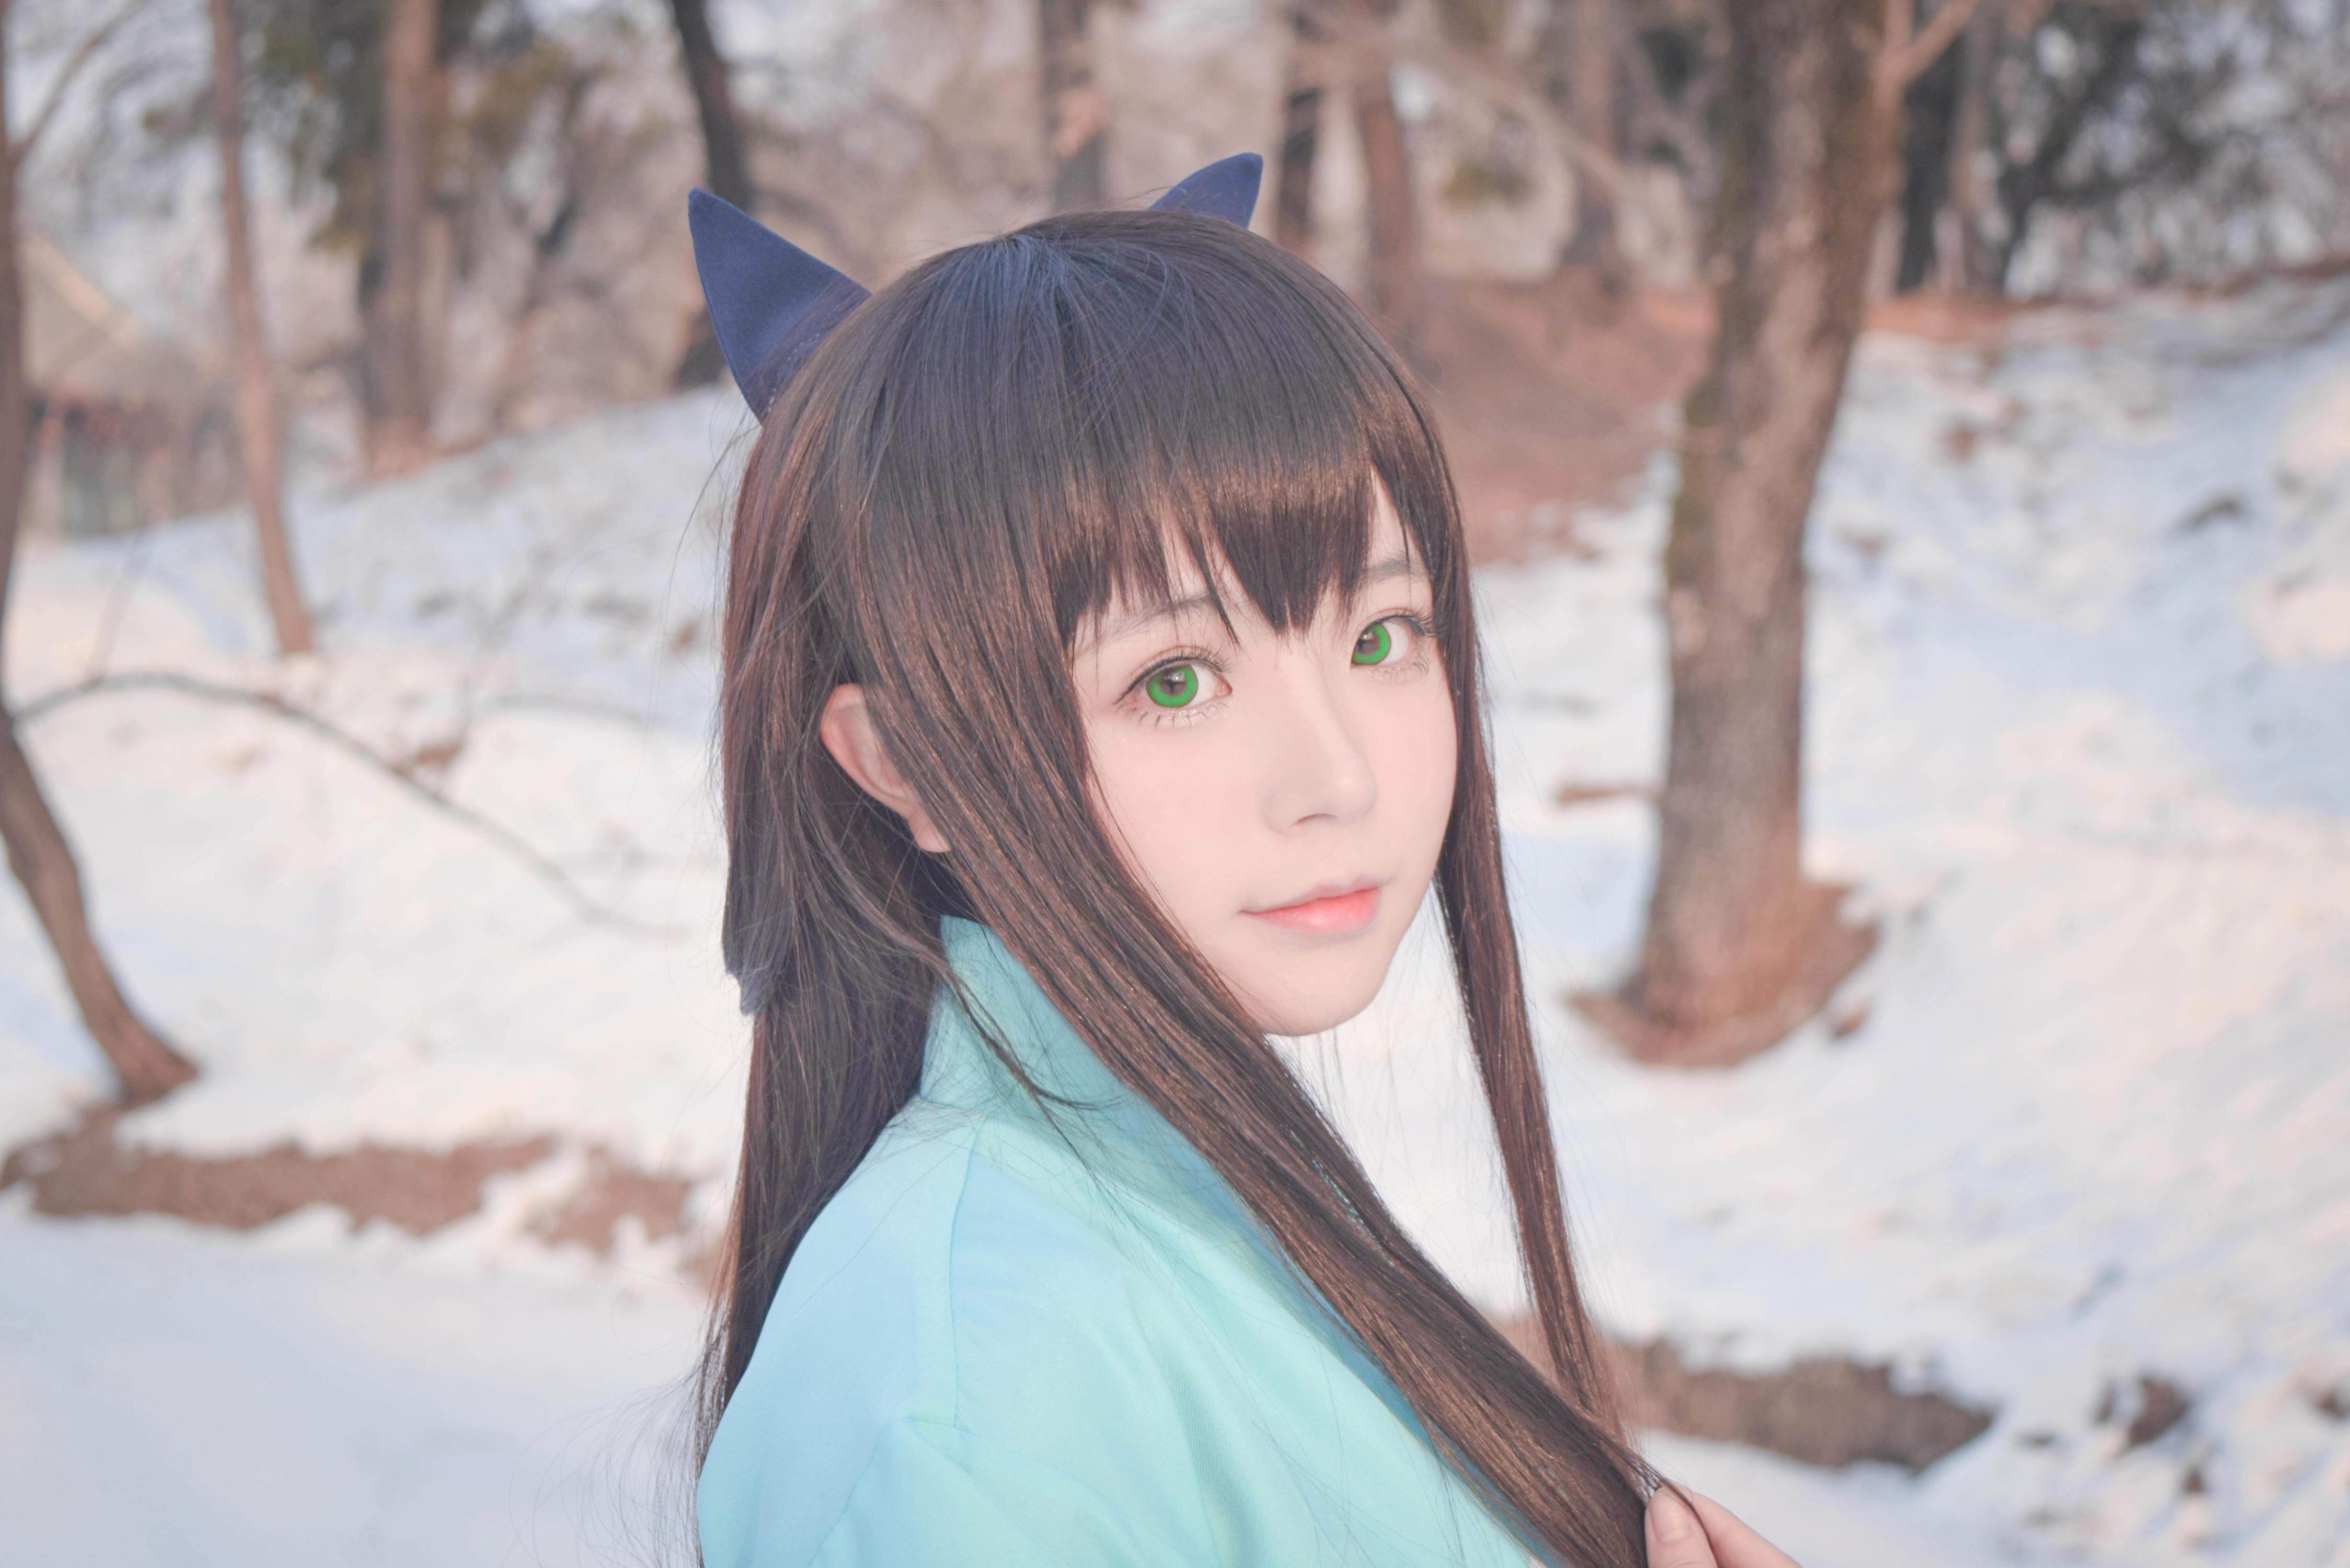 【Cosplay】Urara